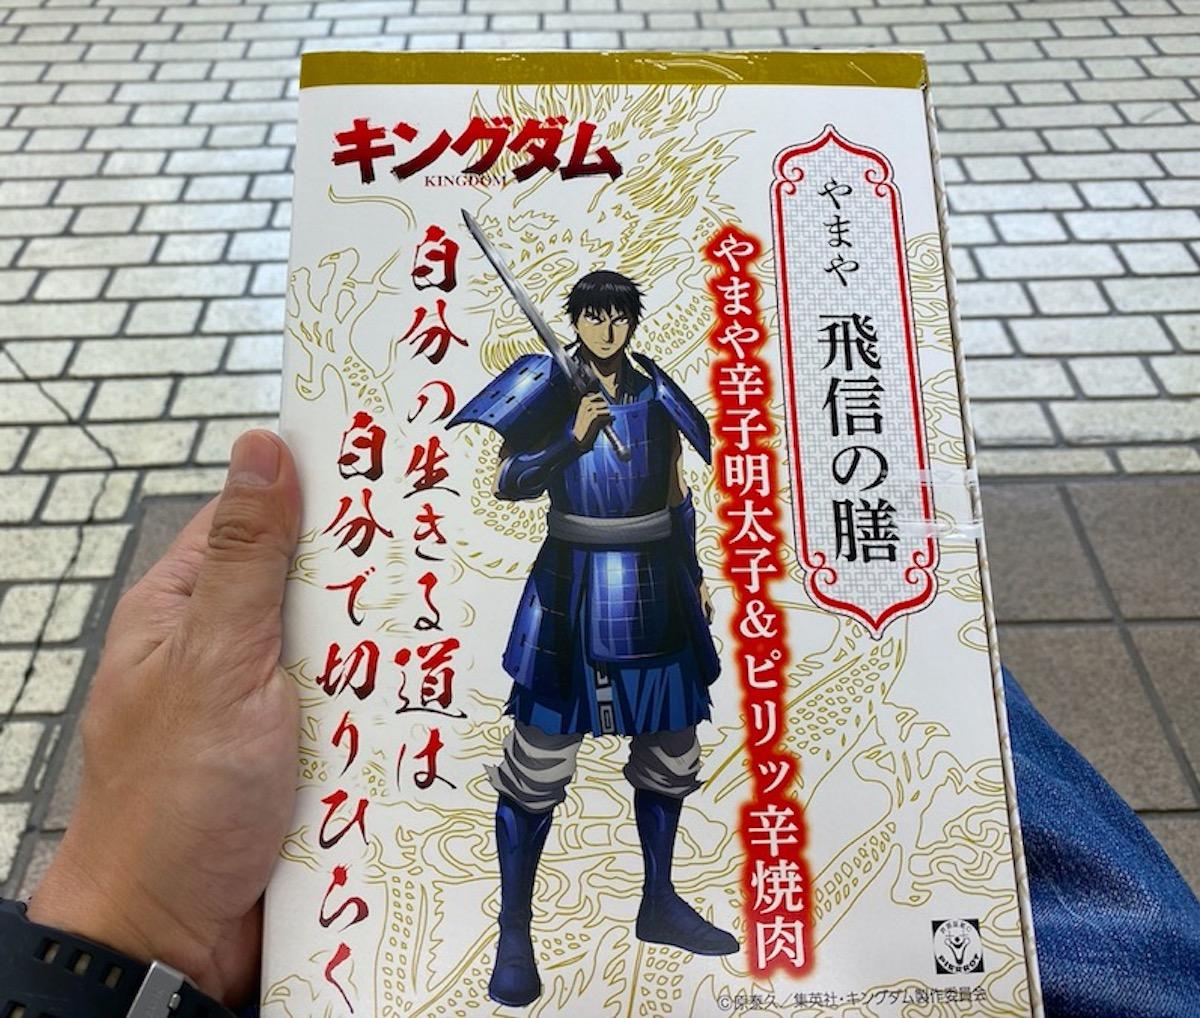 本日発売の「キングダム弁当」を買おうとしたら一筋縄ではいかず / 九州への嫉妬で泣いた